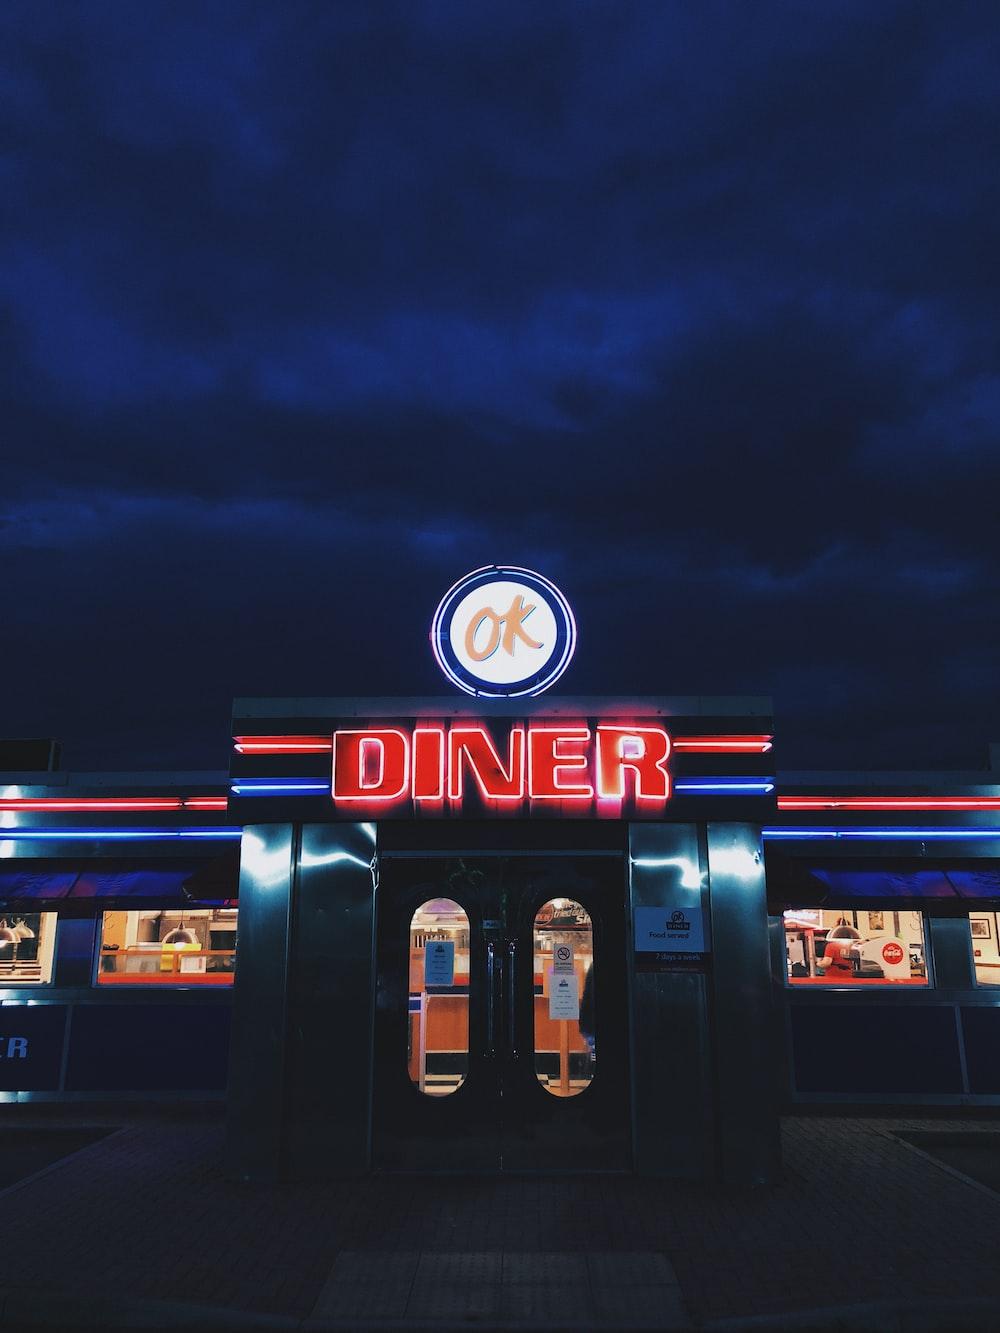 OK Diner LED sign